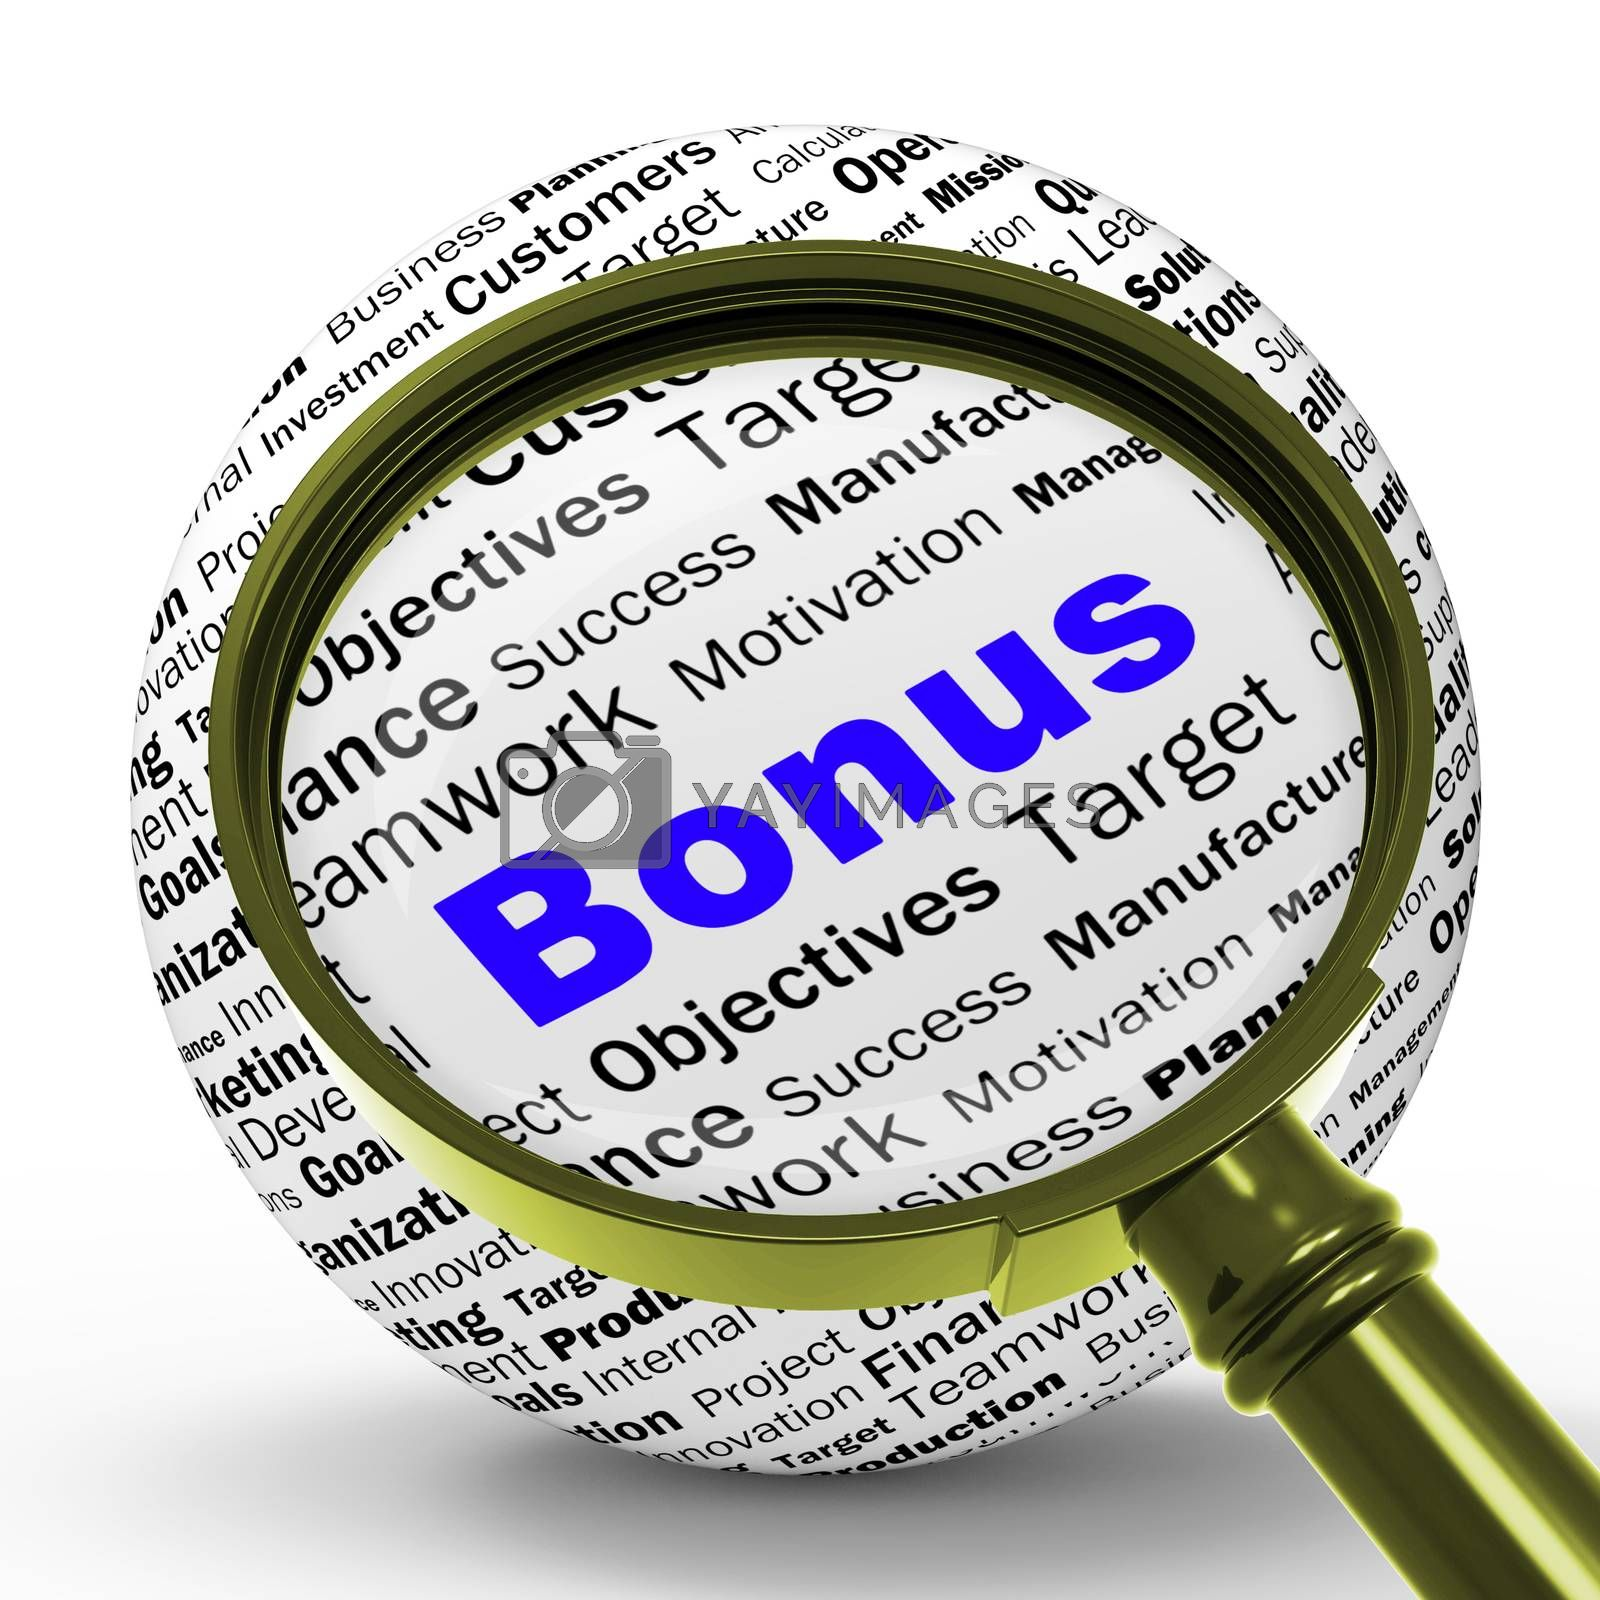 Bonus Magnifier Definition Shows Financial Reward Or Benefit by stuartmiles